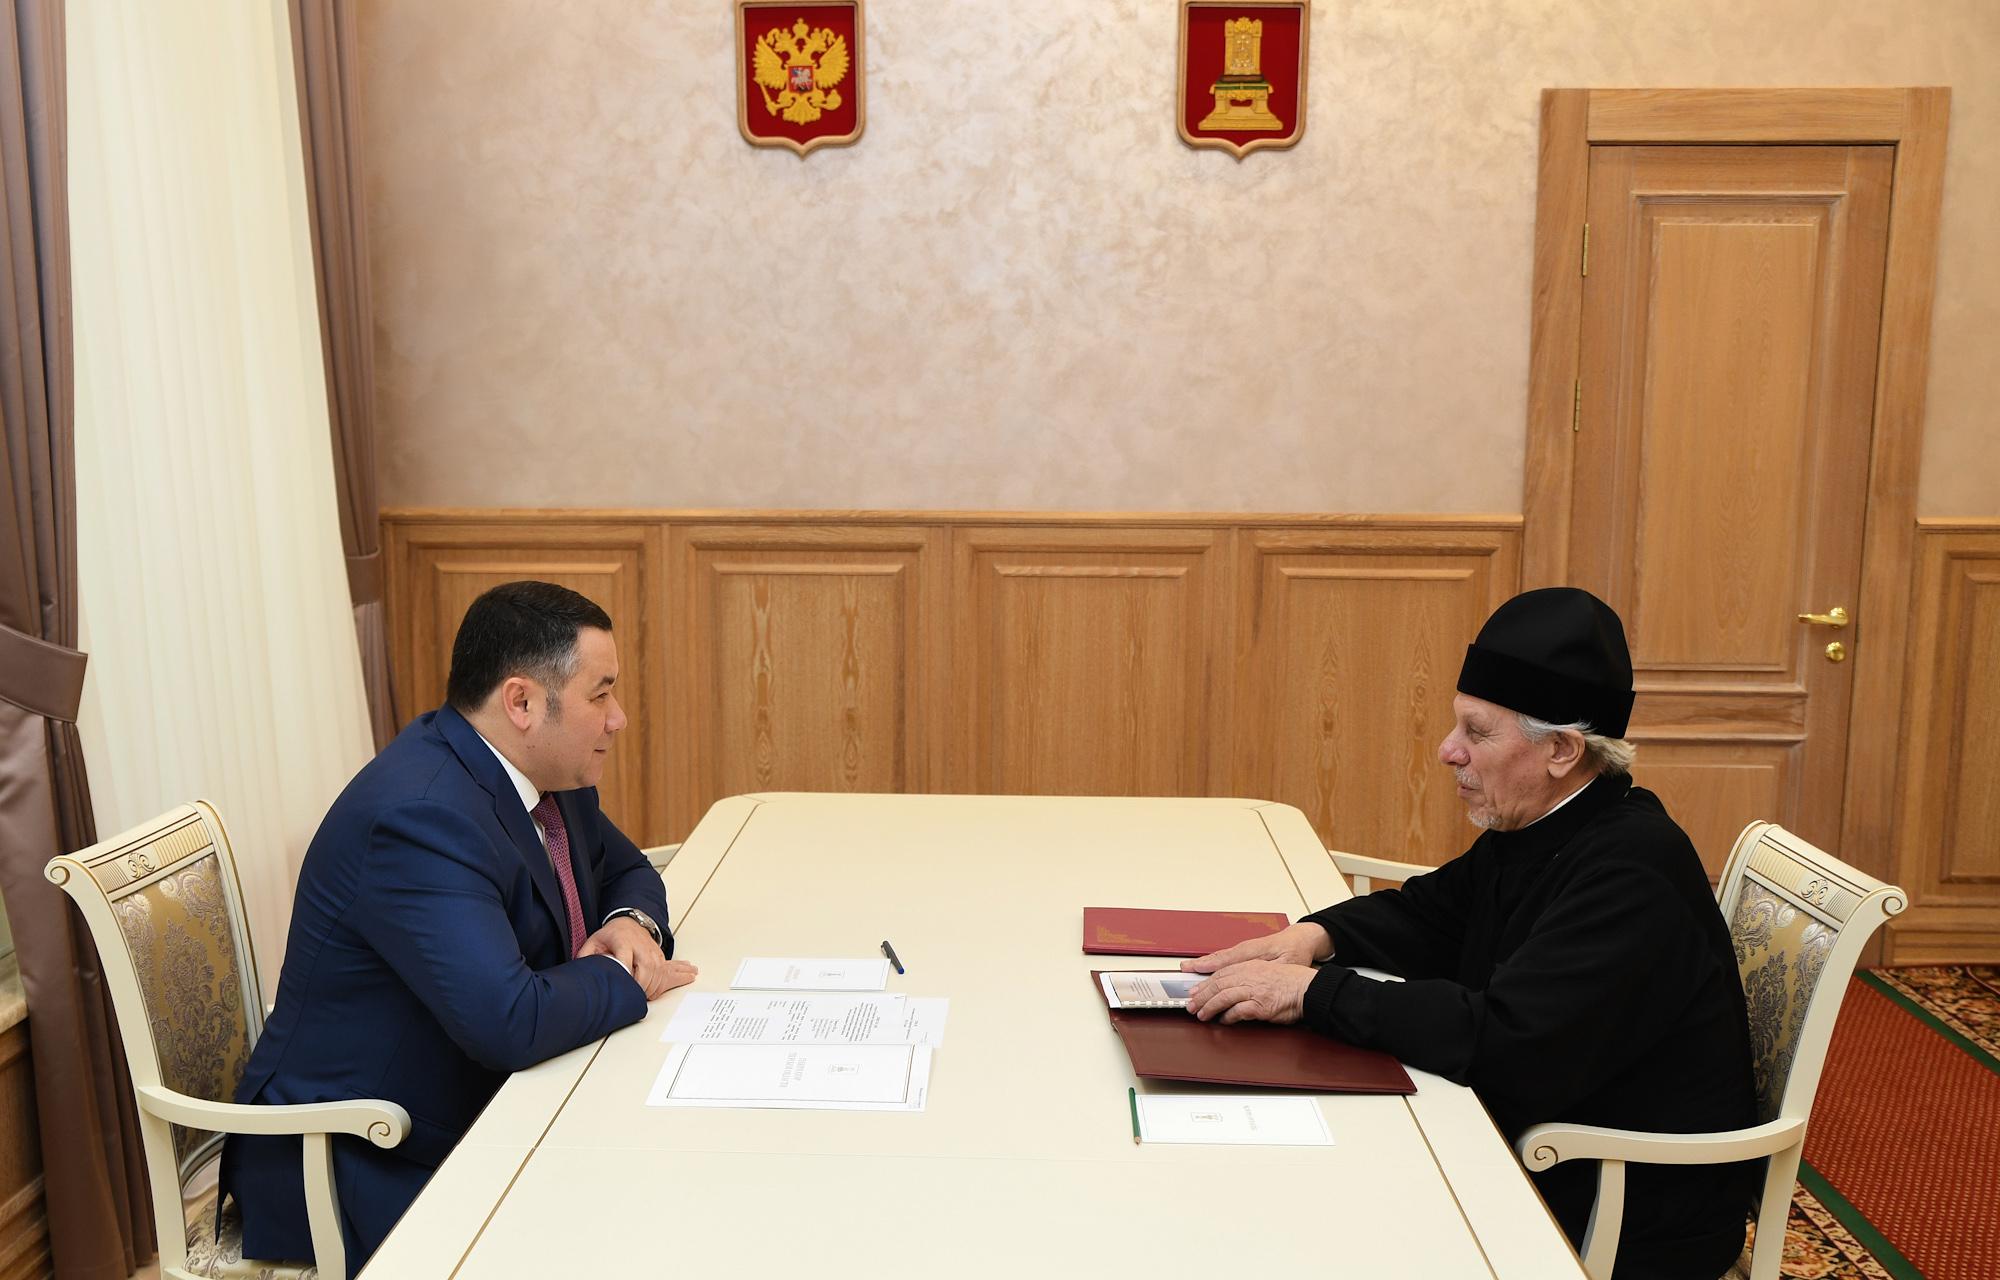 Губернатор Тверской области поздравил протоиерея Алексия Злобина с награждением орденом Дружбы от Президента